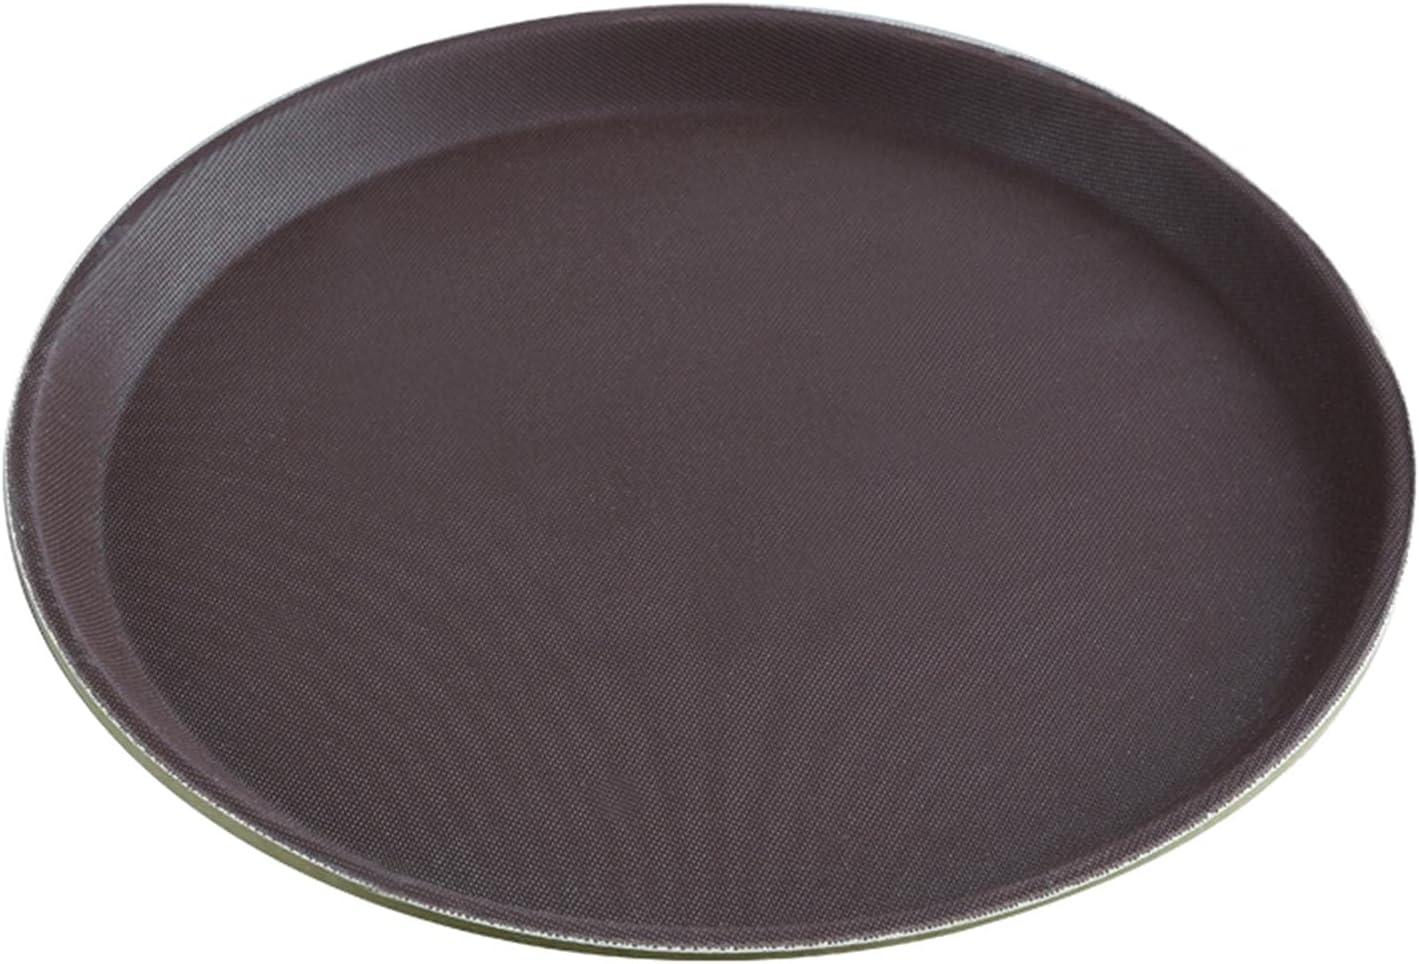 DELITLS 2 bandejas redondas antideslizantes para servir, bandeja para servir vajilla, barra de cocina para el hogar, utensilios de cocina, bares y restaurantes (tamaño: 40 cm)